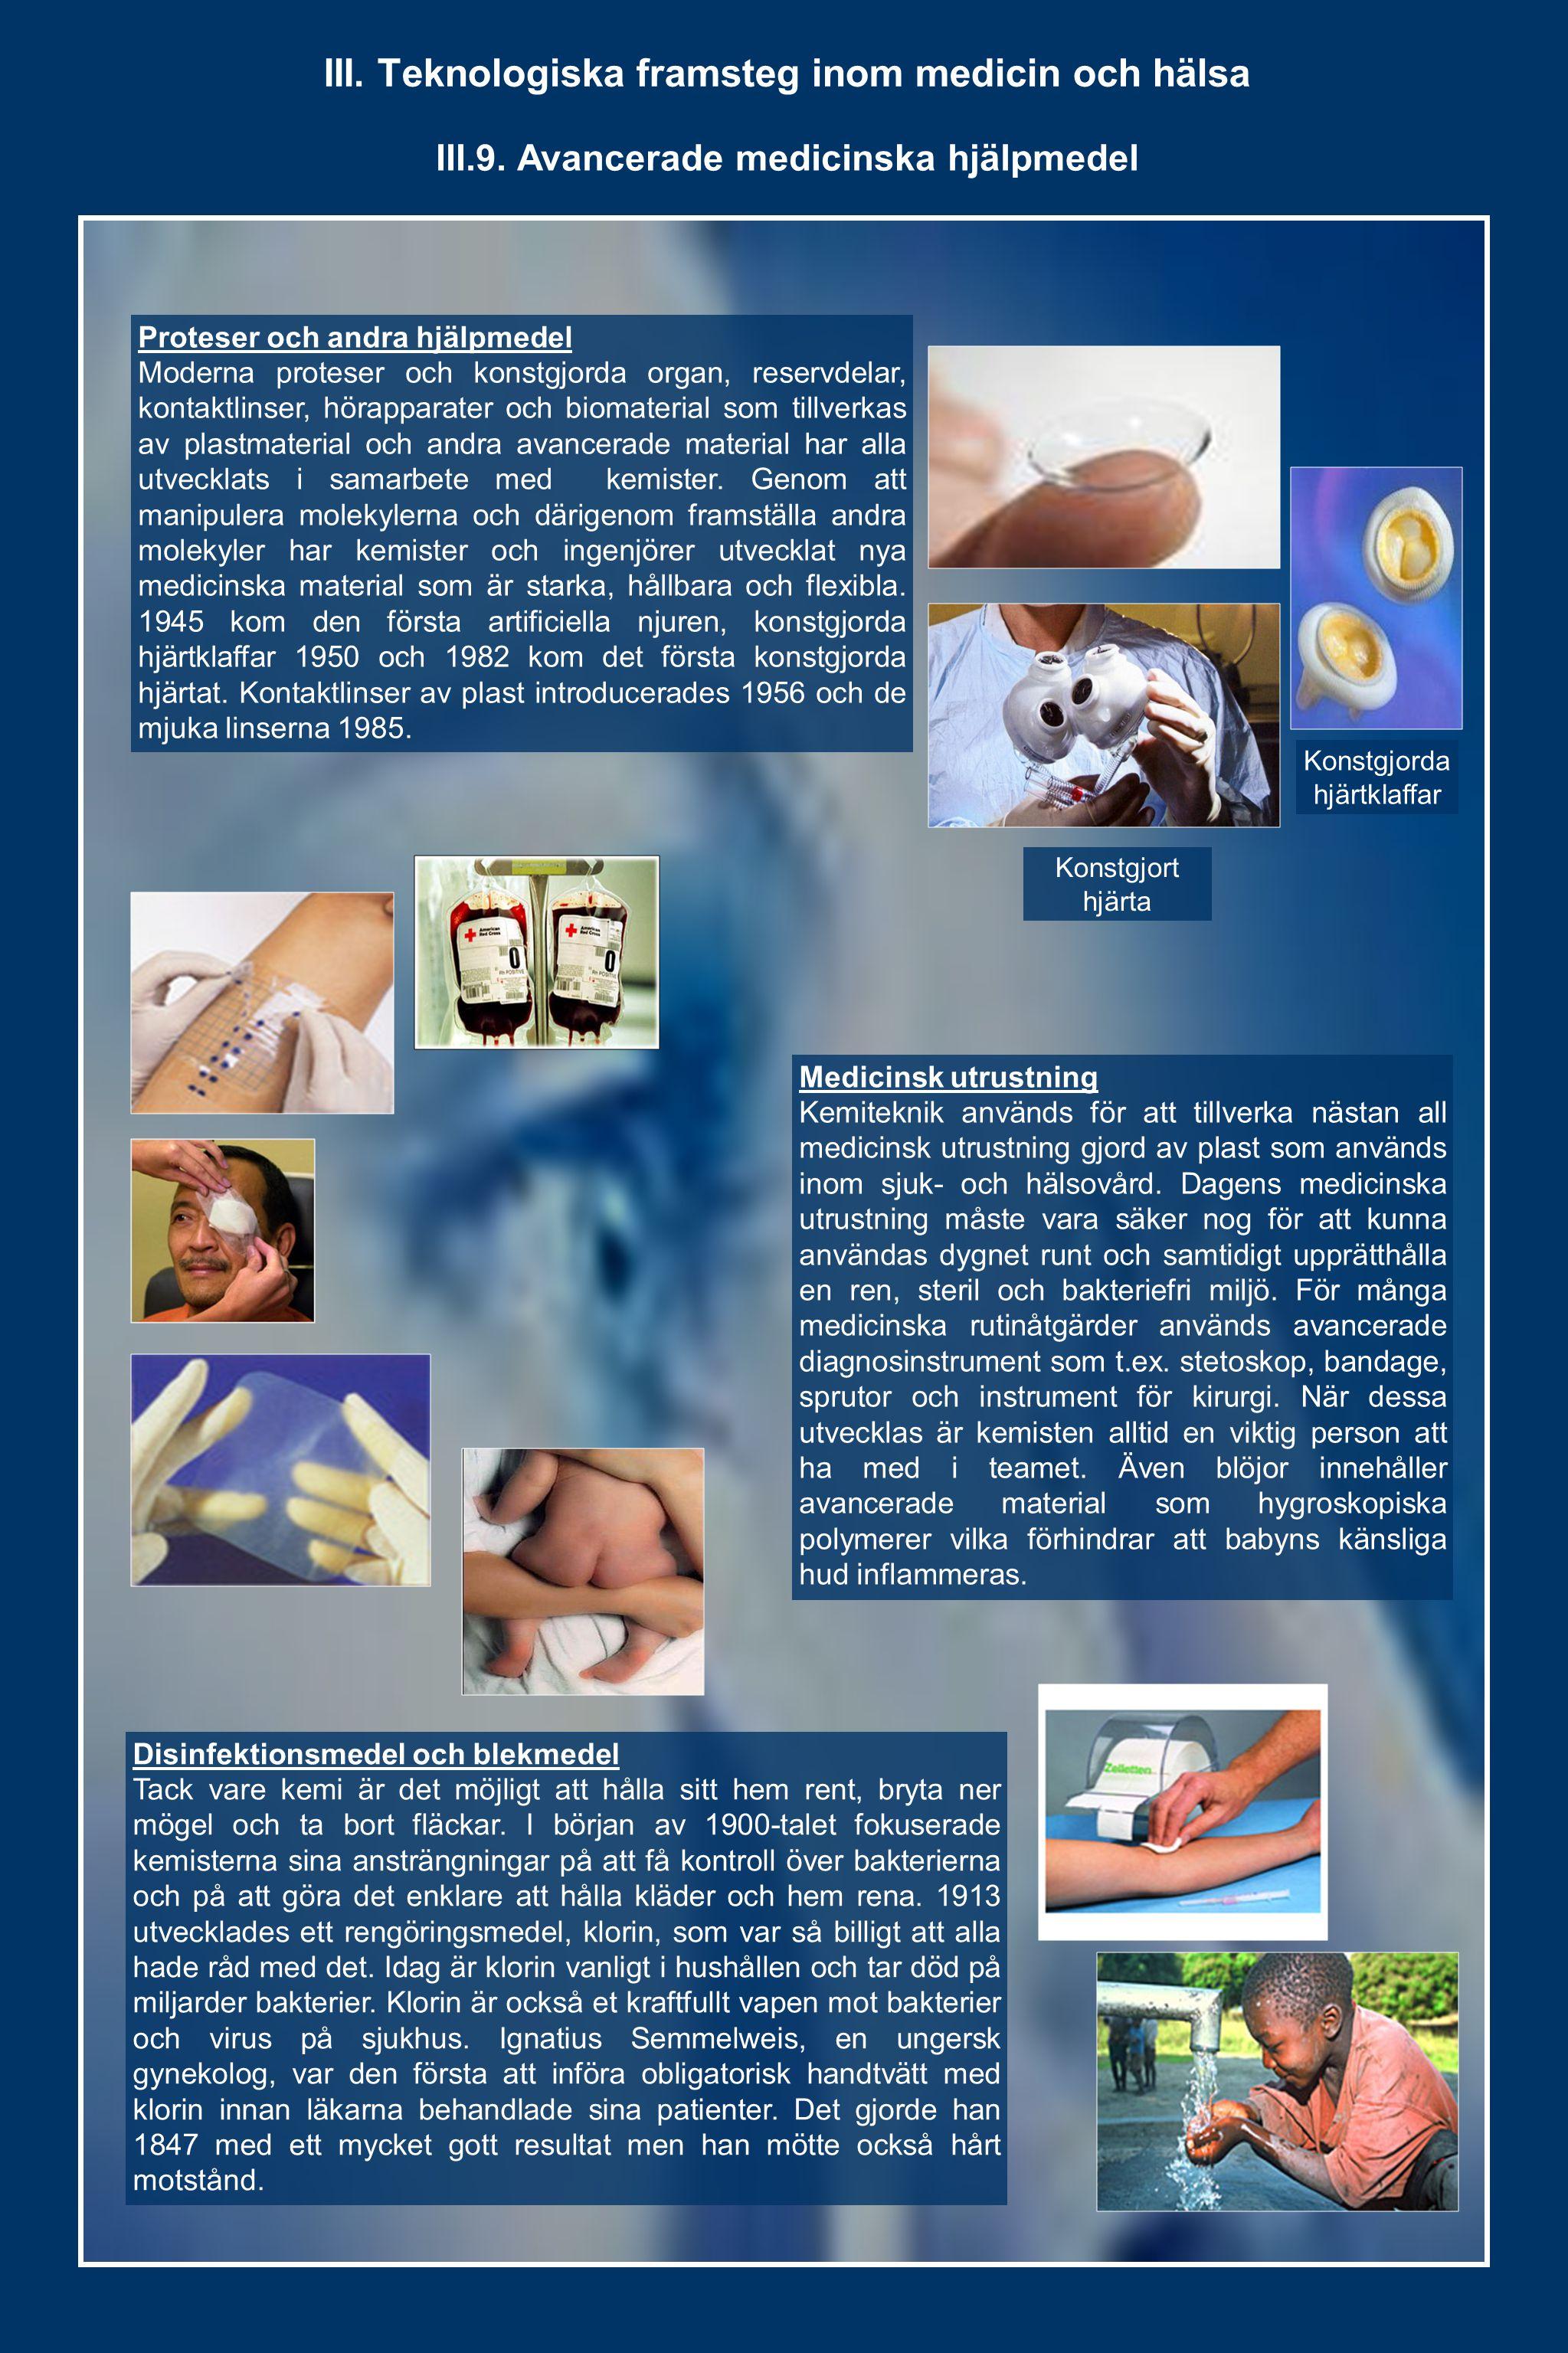 III. Teknologiska framsteg inom medicin och hälsa III.9. Avancerade medicinska hjälpmedel Proteser och andra hjälpmedel Moderna proteser och konstgjor